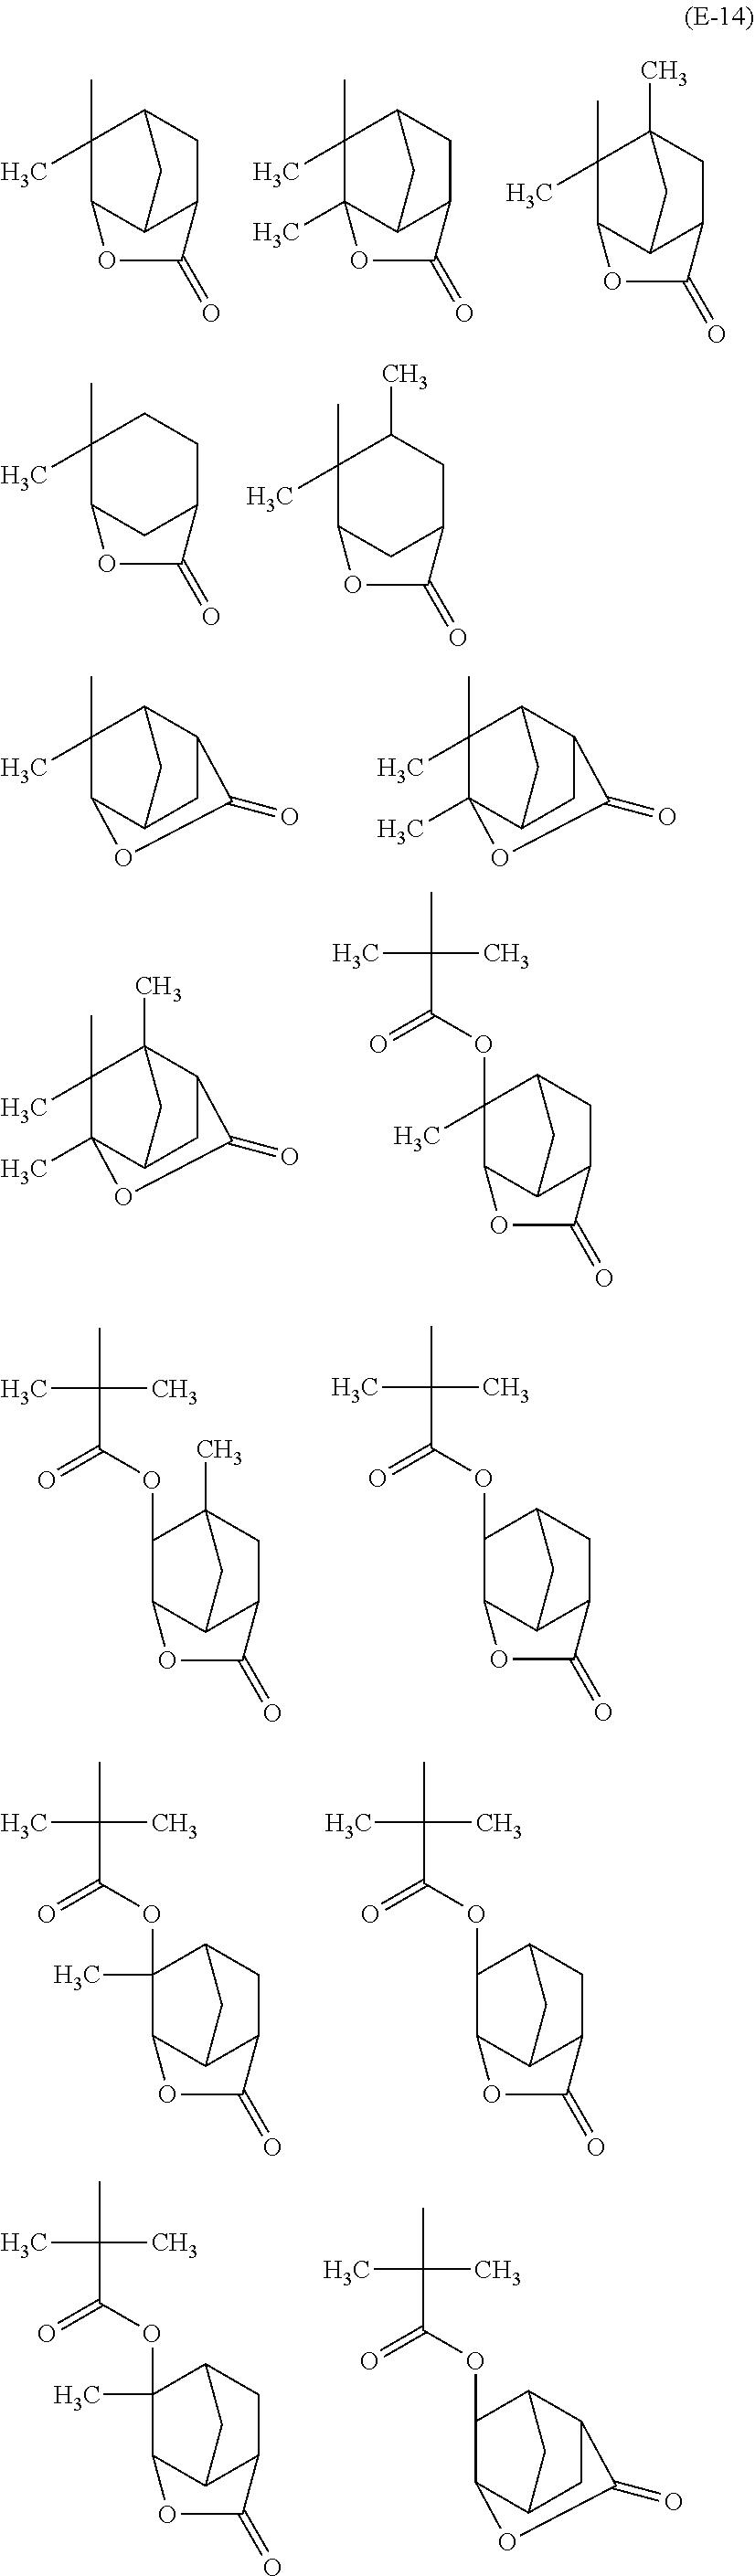 Figure US09182664-20151110-C00182